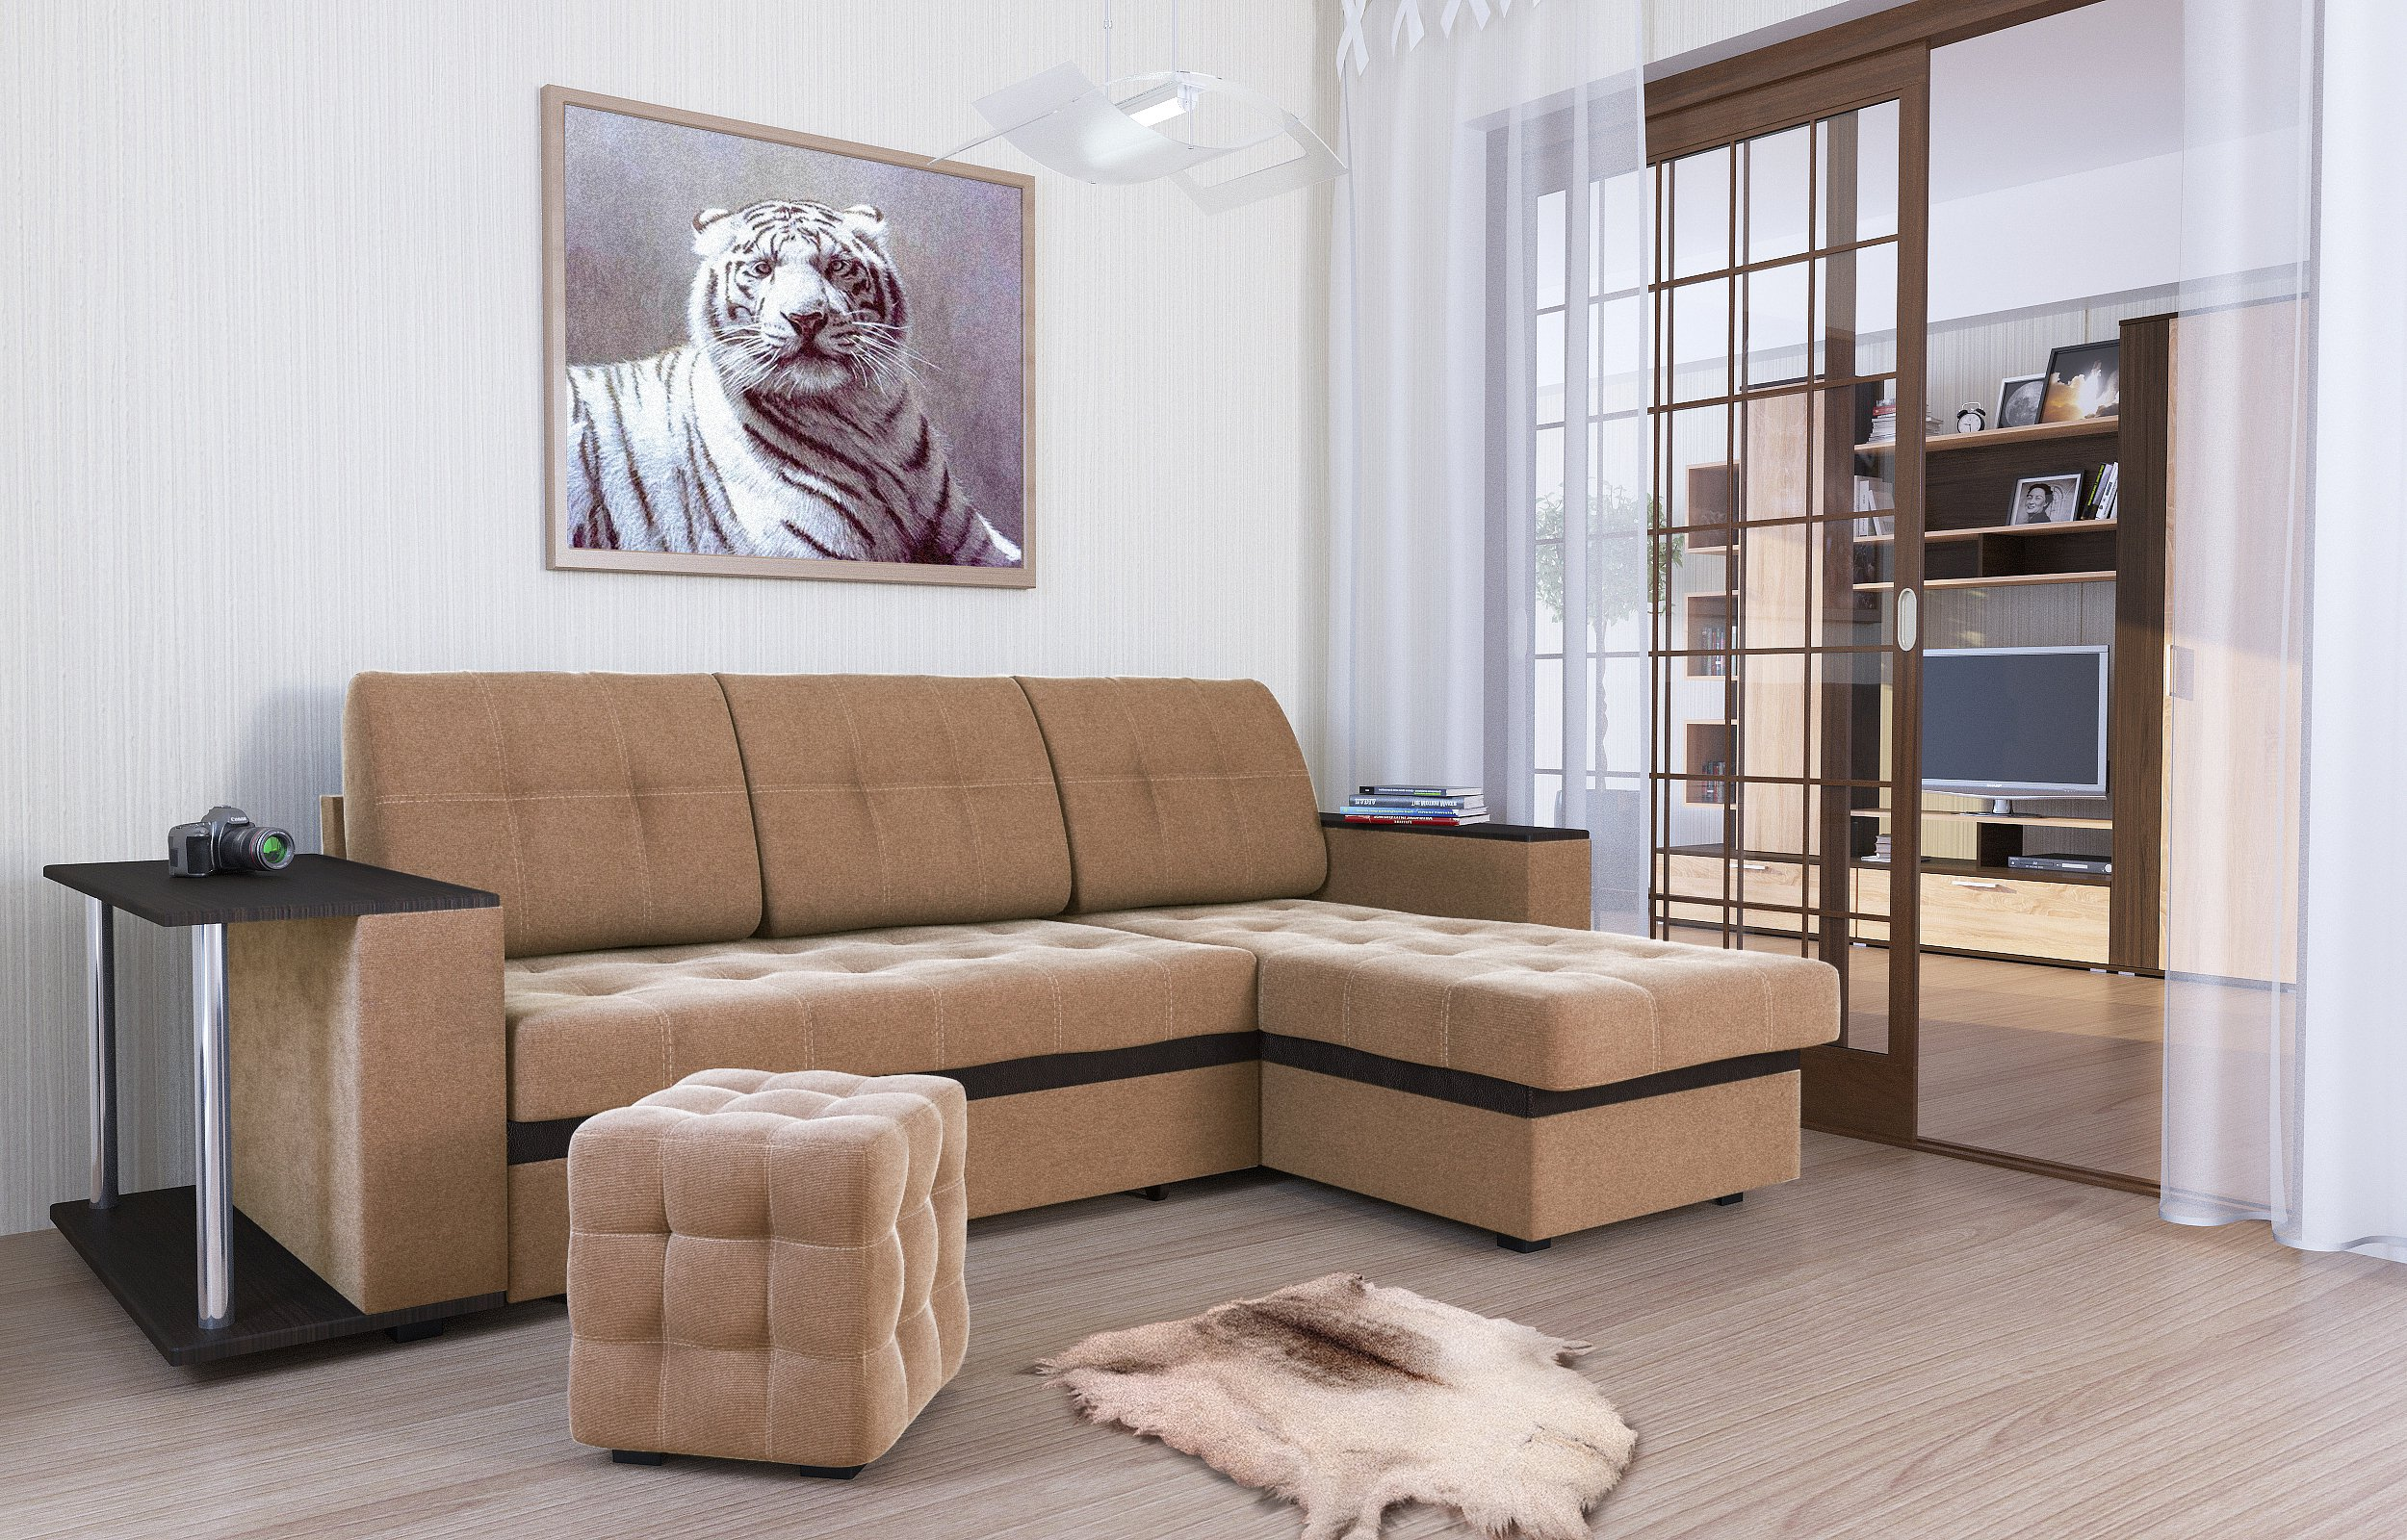 Диван-кровать угловой АТЛАНТА, ткань Shaggy Mocca